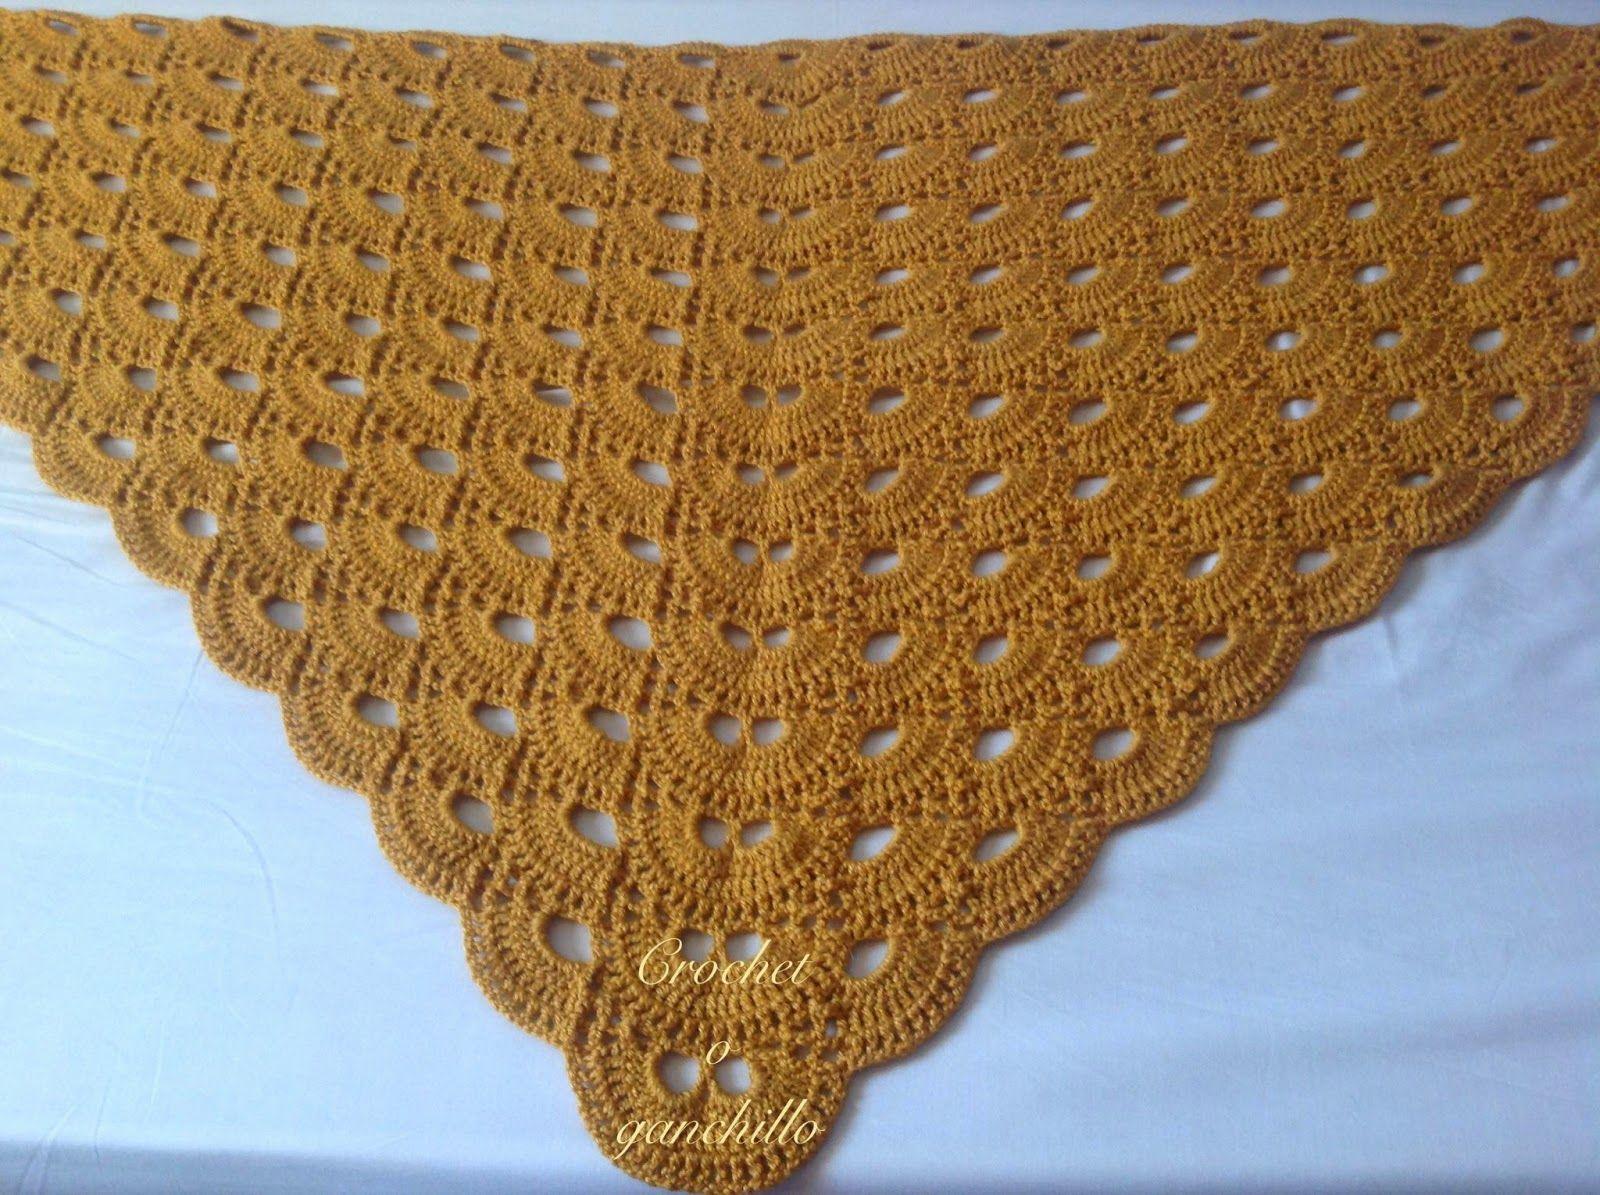 Crochet o ganchillo: MANTILLA A GANCHILLO | ganchillo ideas ...